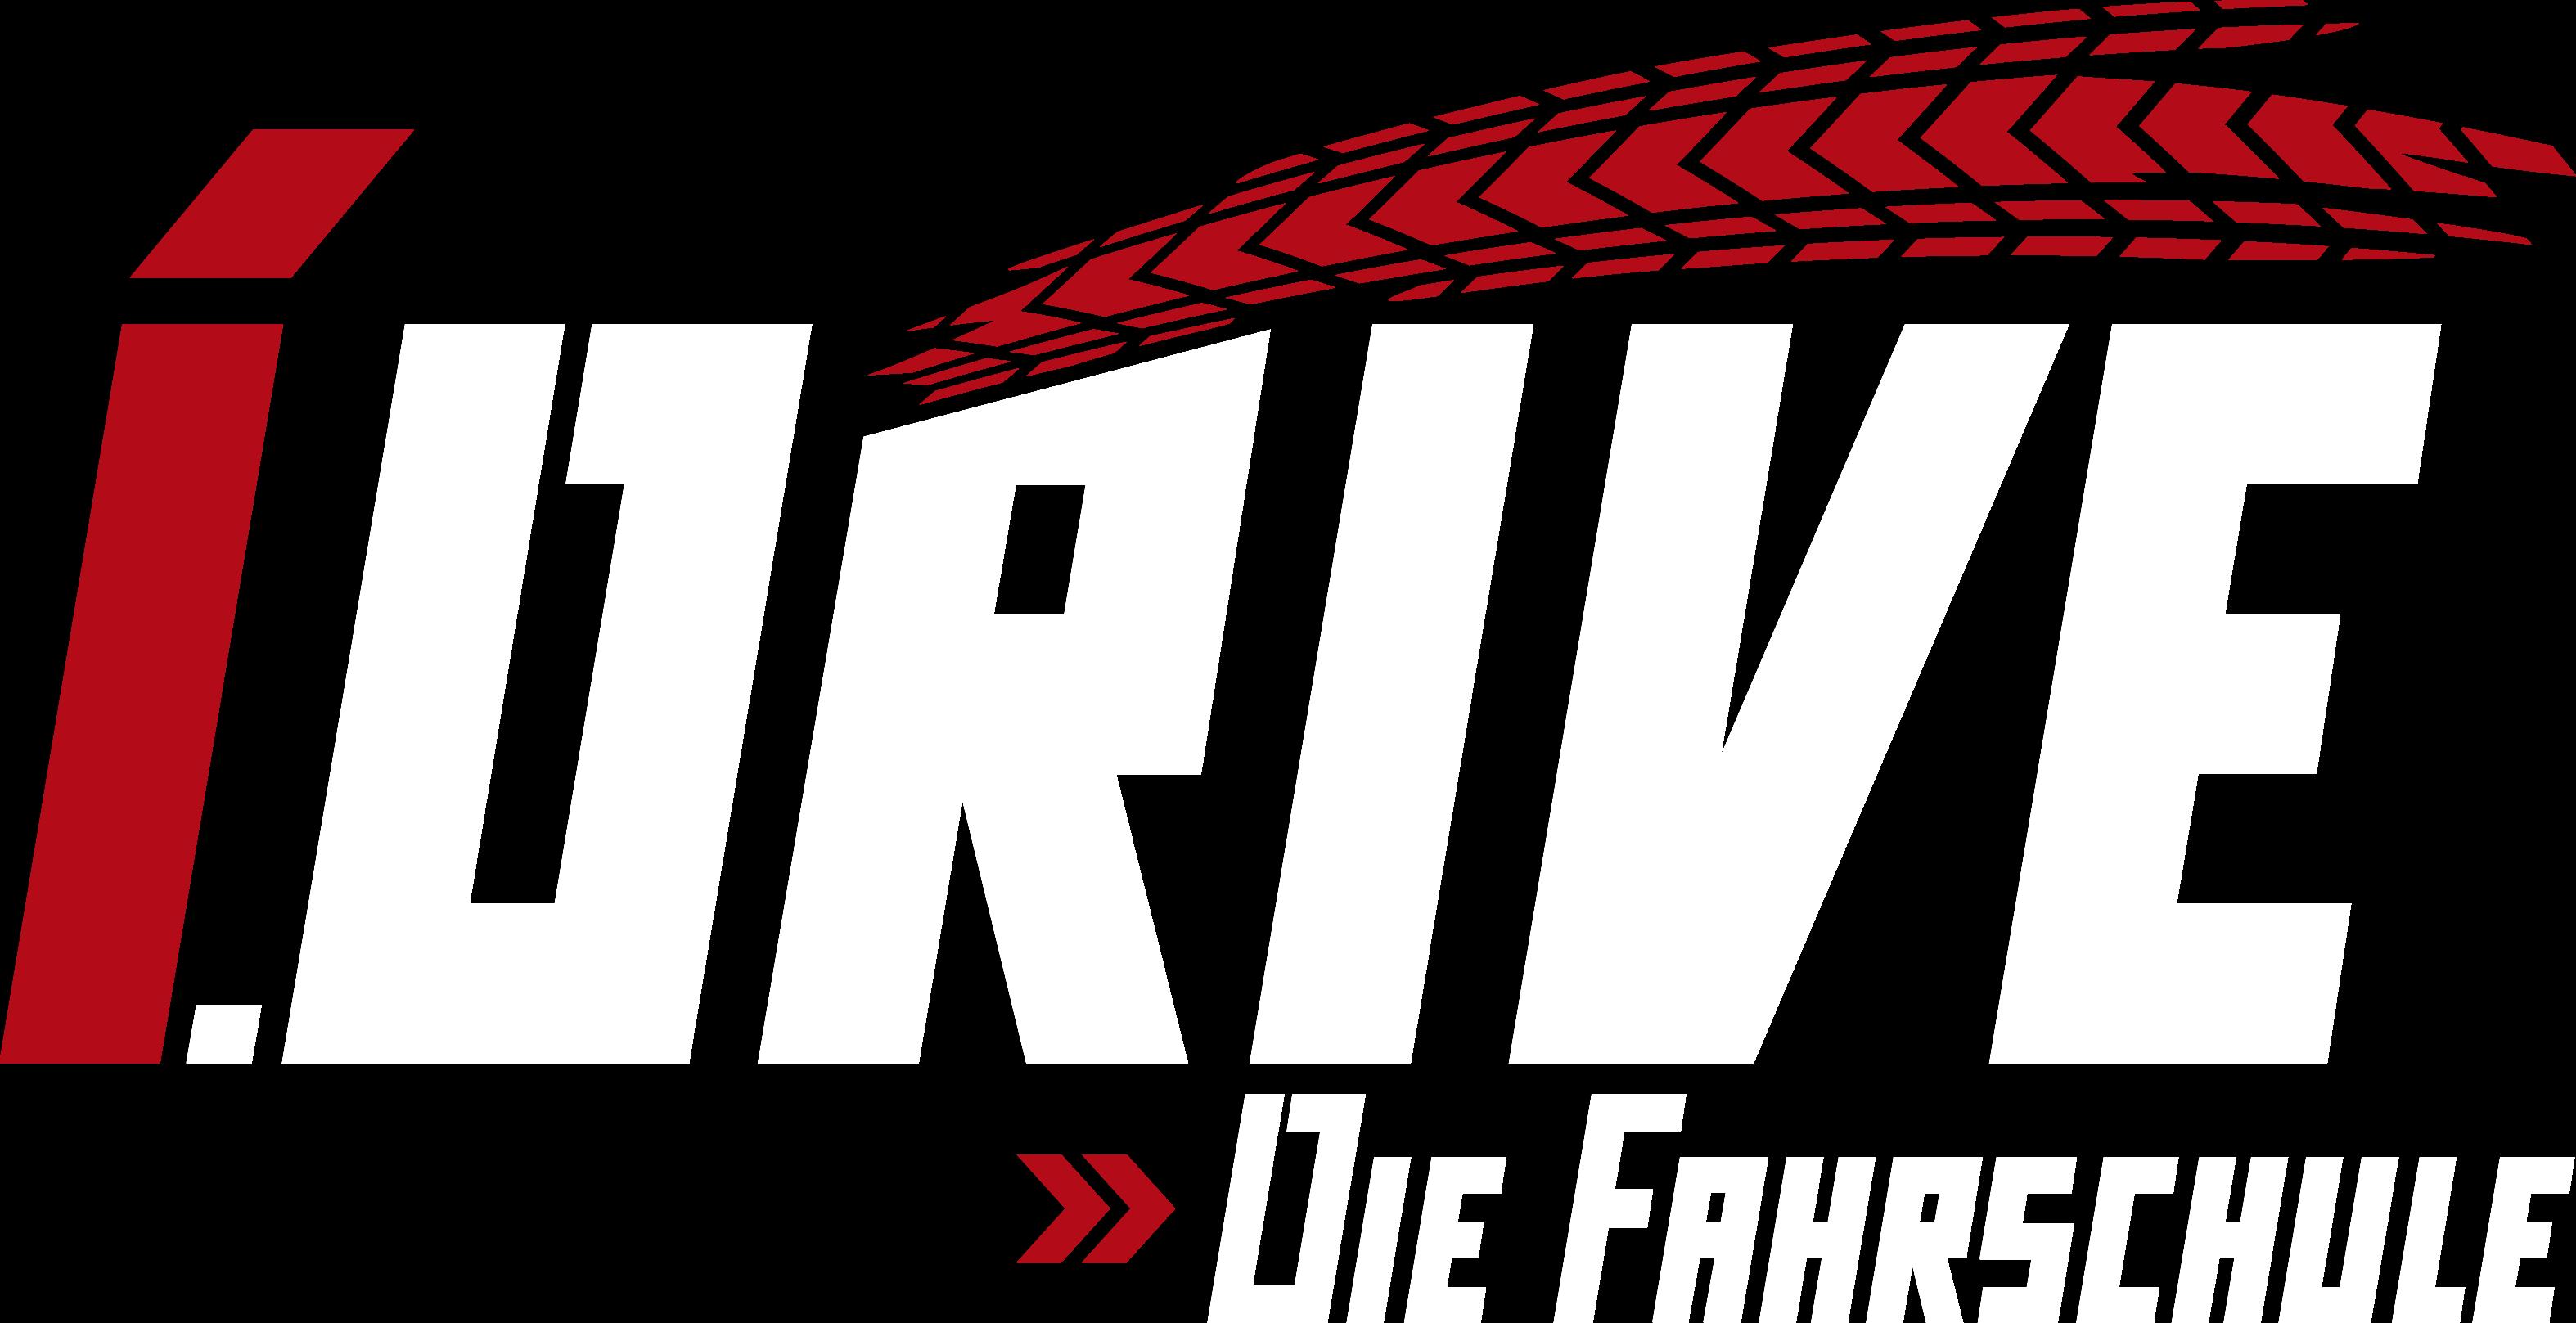 Fahrschule i.drive GmbH